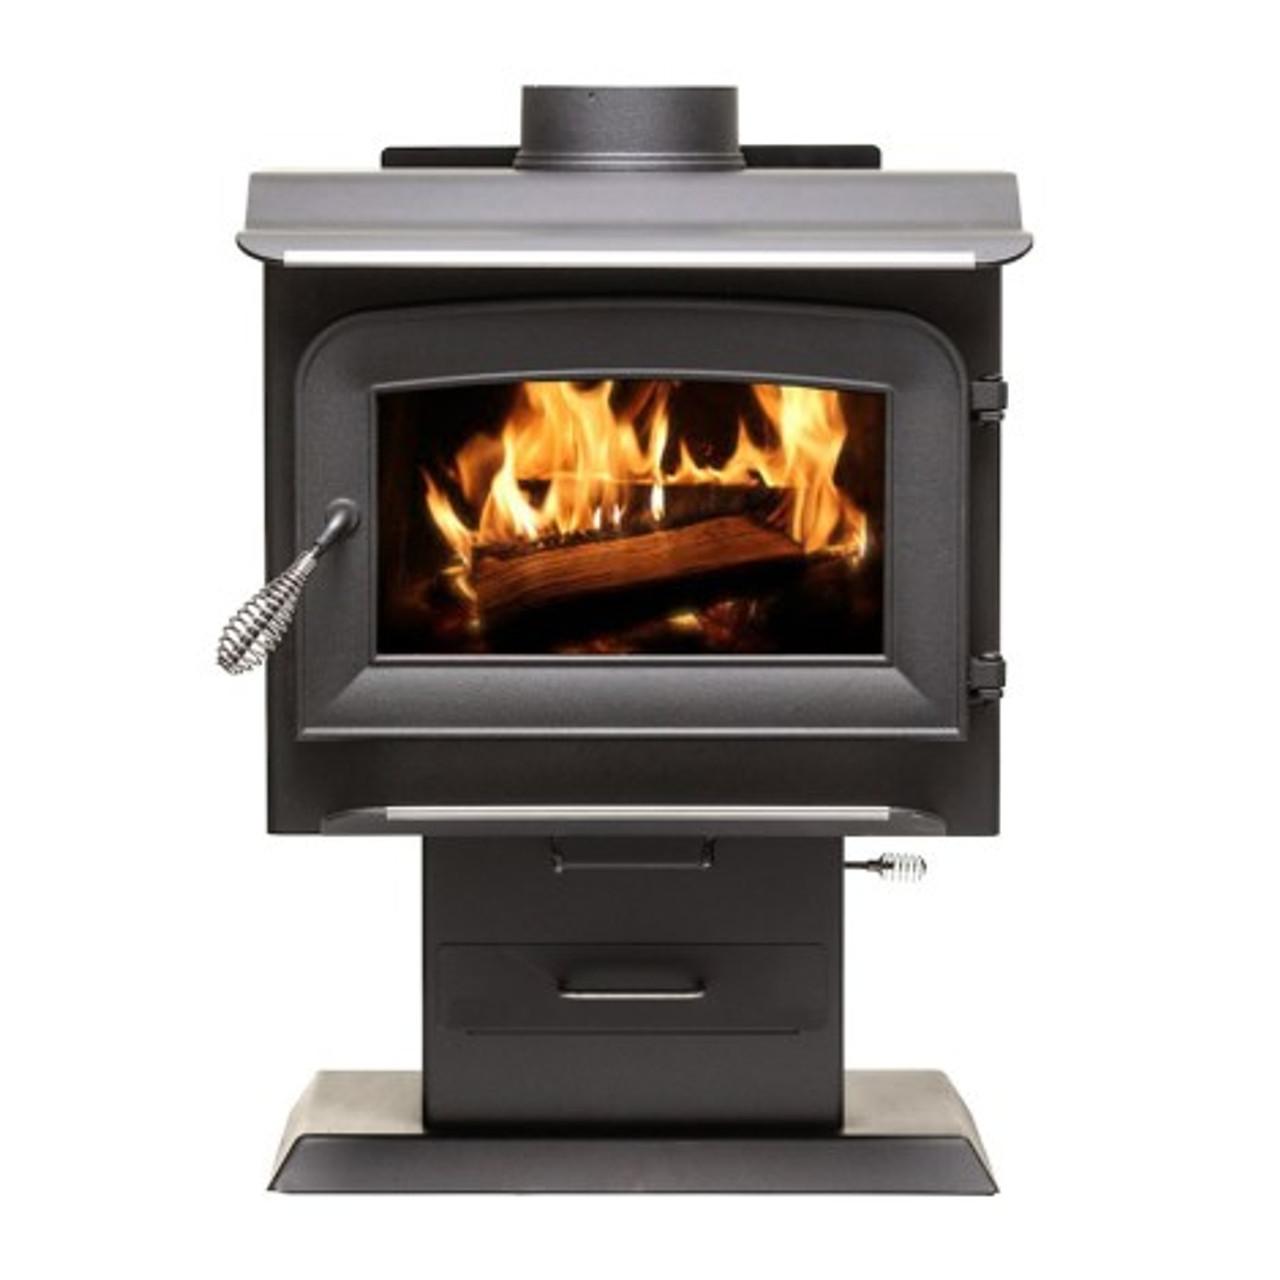 Ashley wood stove